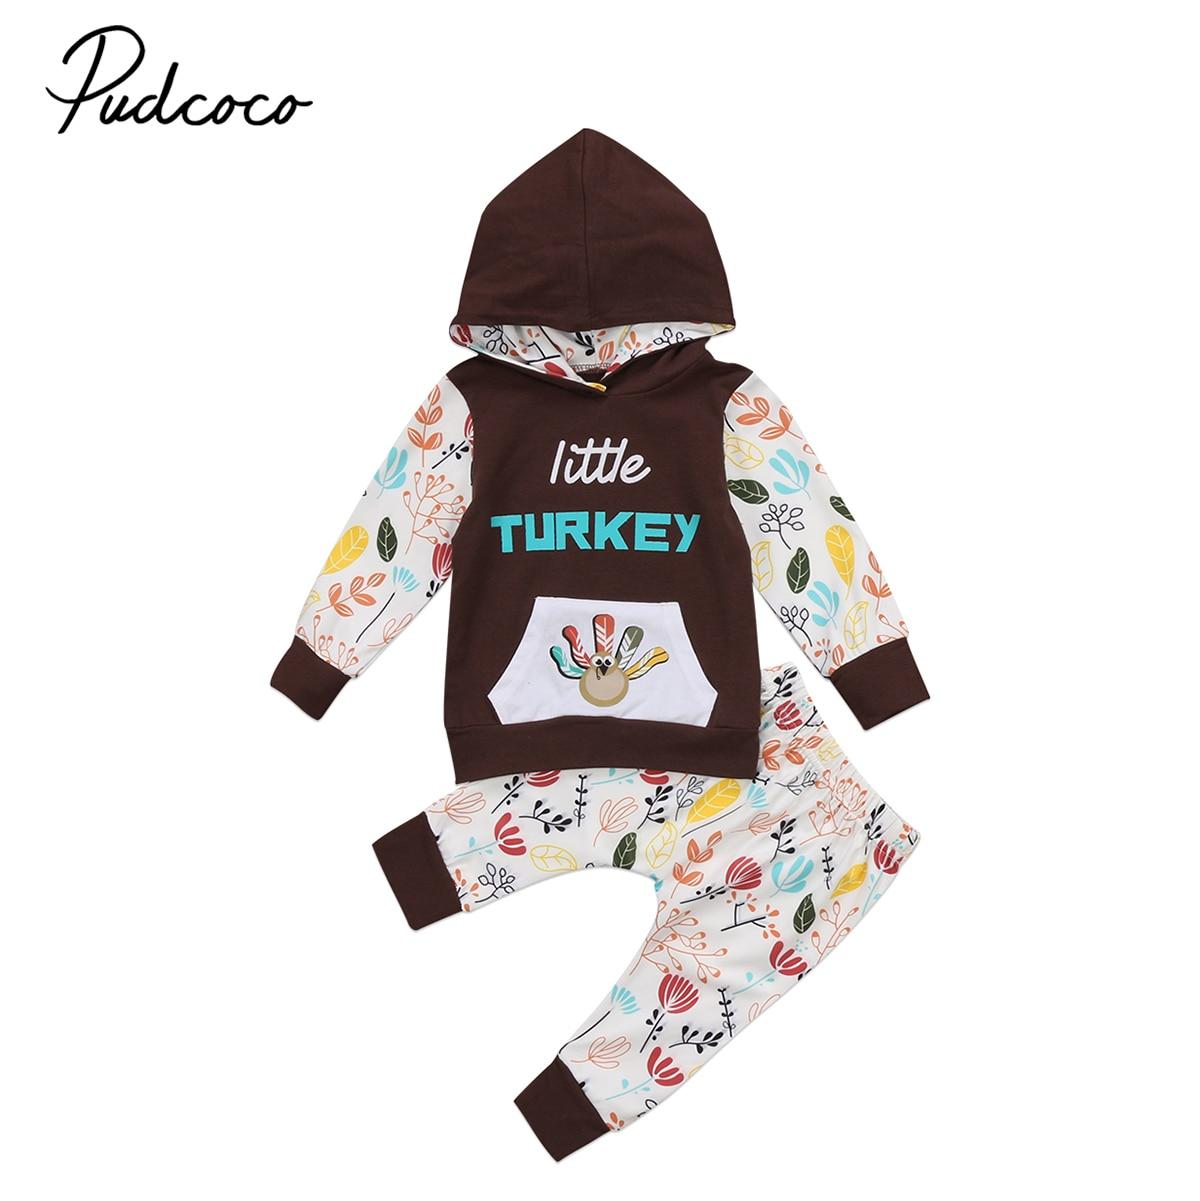 2 uds. Conjunto de ropa de bebé pequeño pavo bonito 2018 nuevo bolso grande de manga larga con capucha para niños y niñas Tops pantalones largos conjunto de trajes para niños pequeños